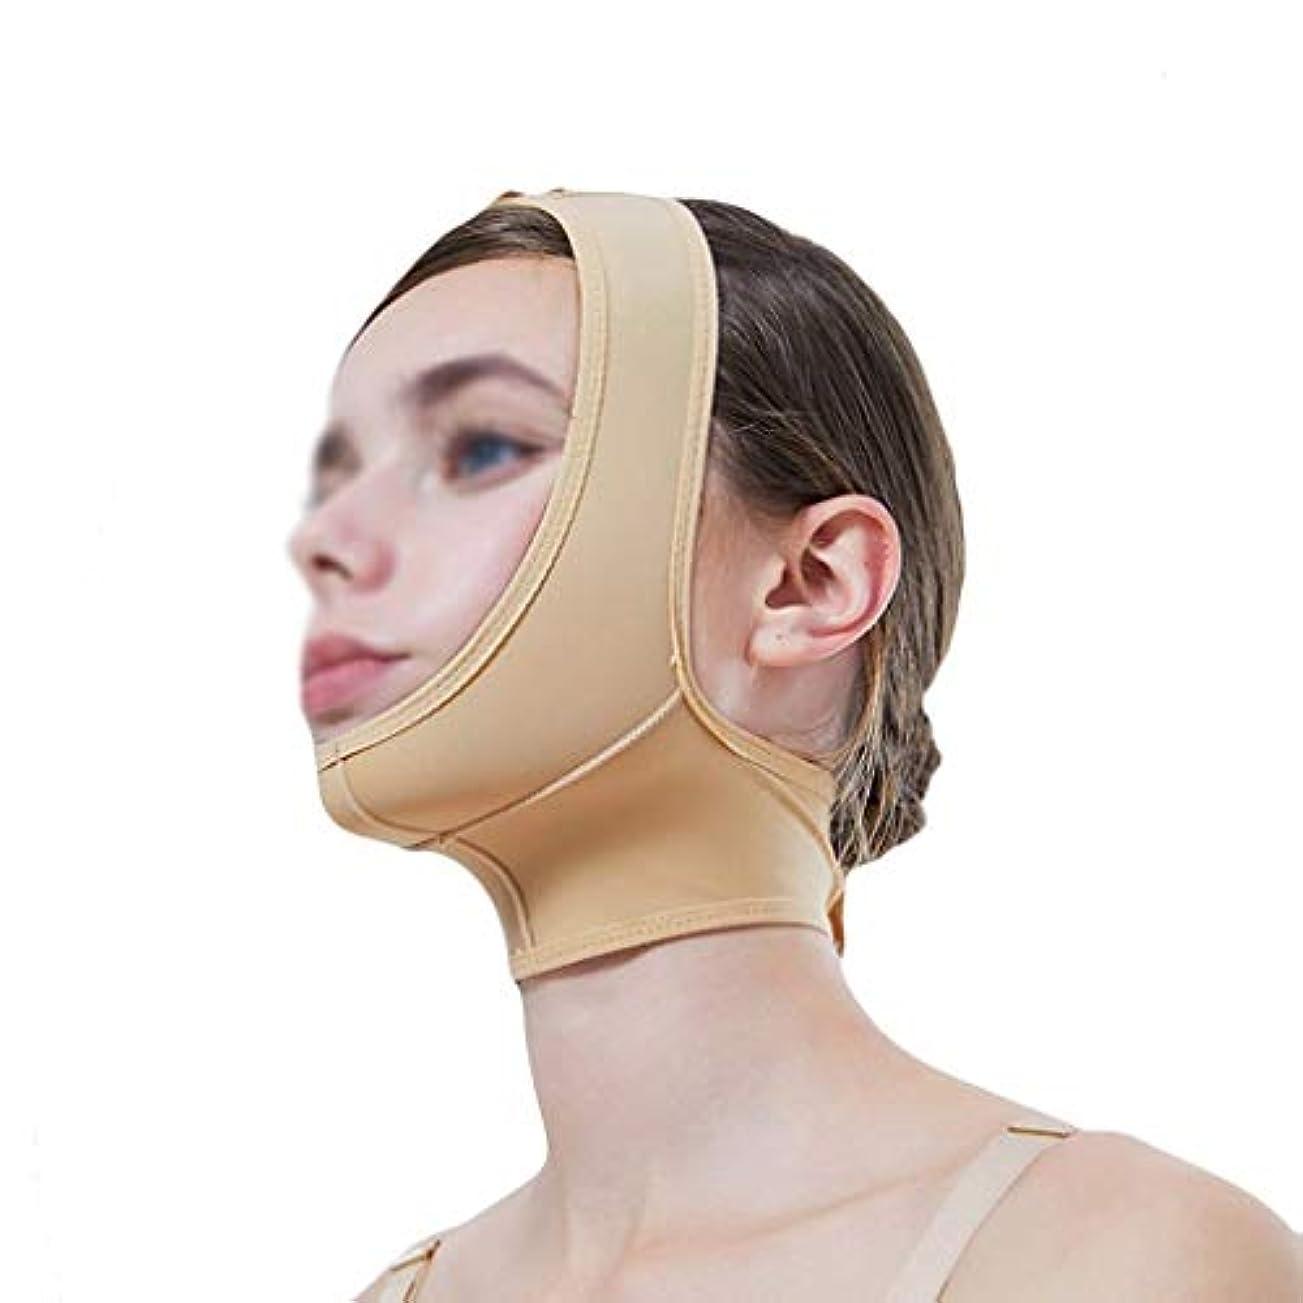 マスク、超薄型ベルト、フェイスリフティングに適し、フェイスリフティング、通気性包帯、あご取りベルト、超薄型ベルト、通気性(サイズ:XL),XXL